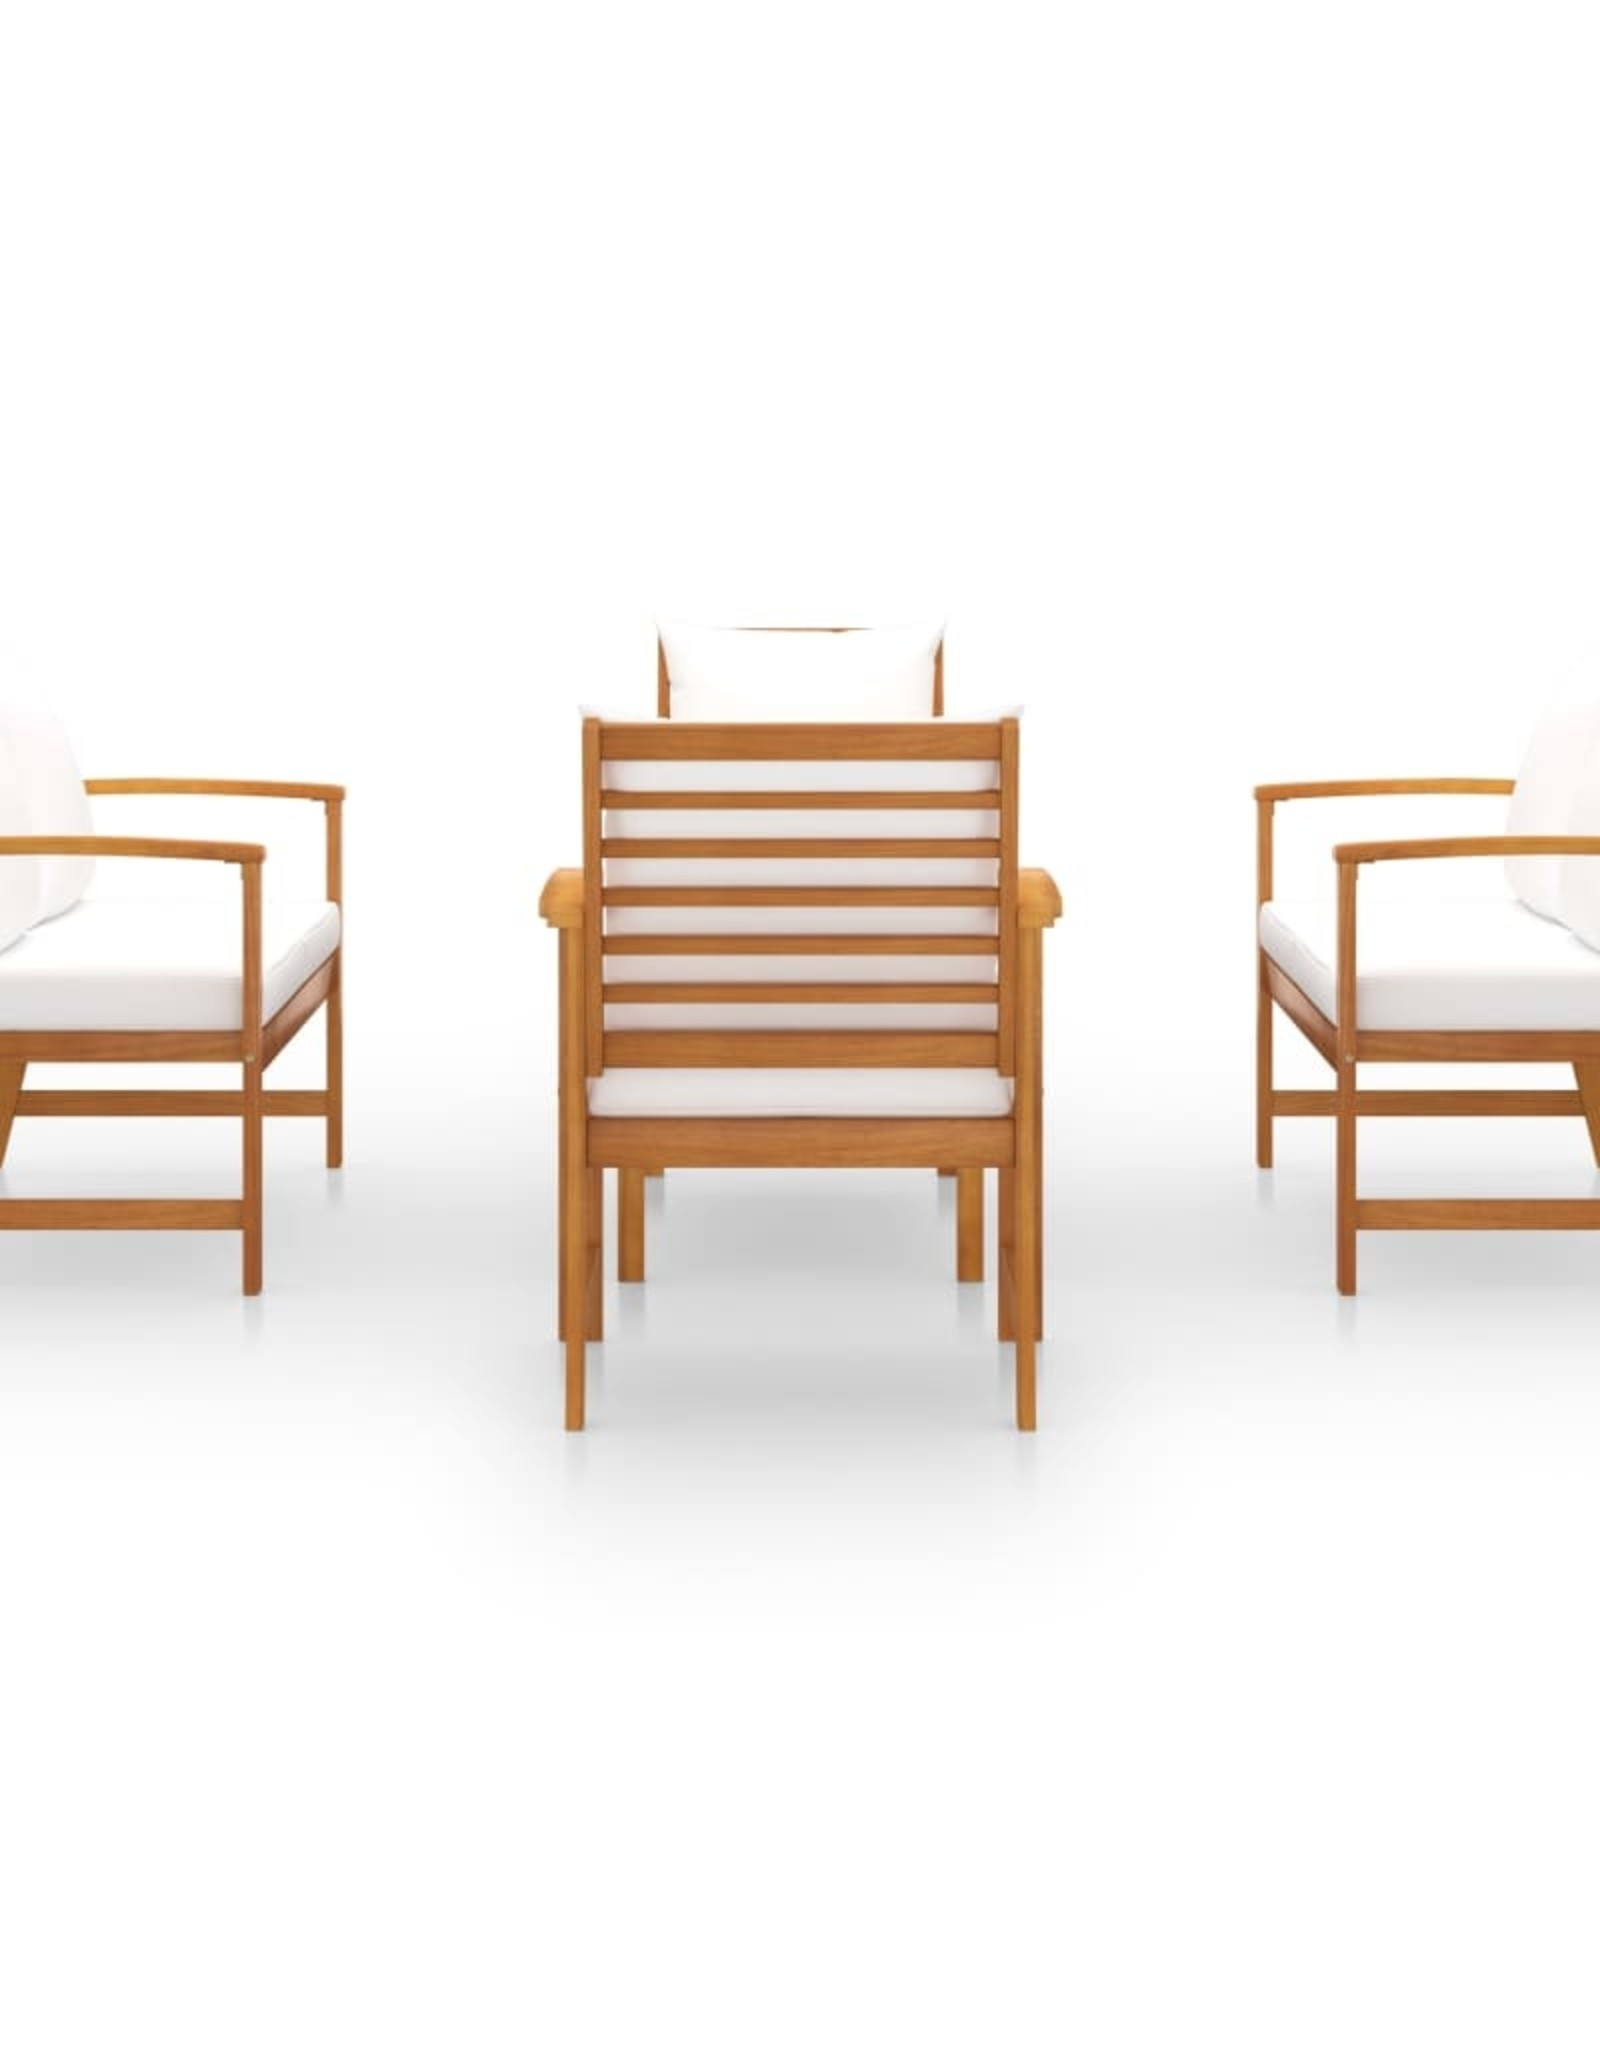 5-delige Loungeset met kussens massief acaciahout